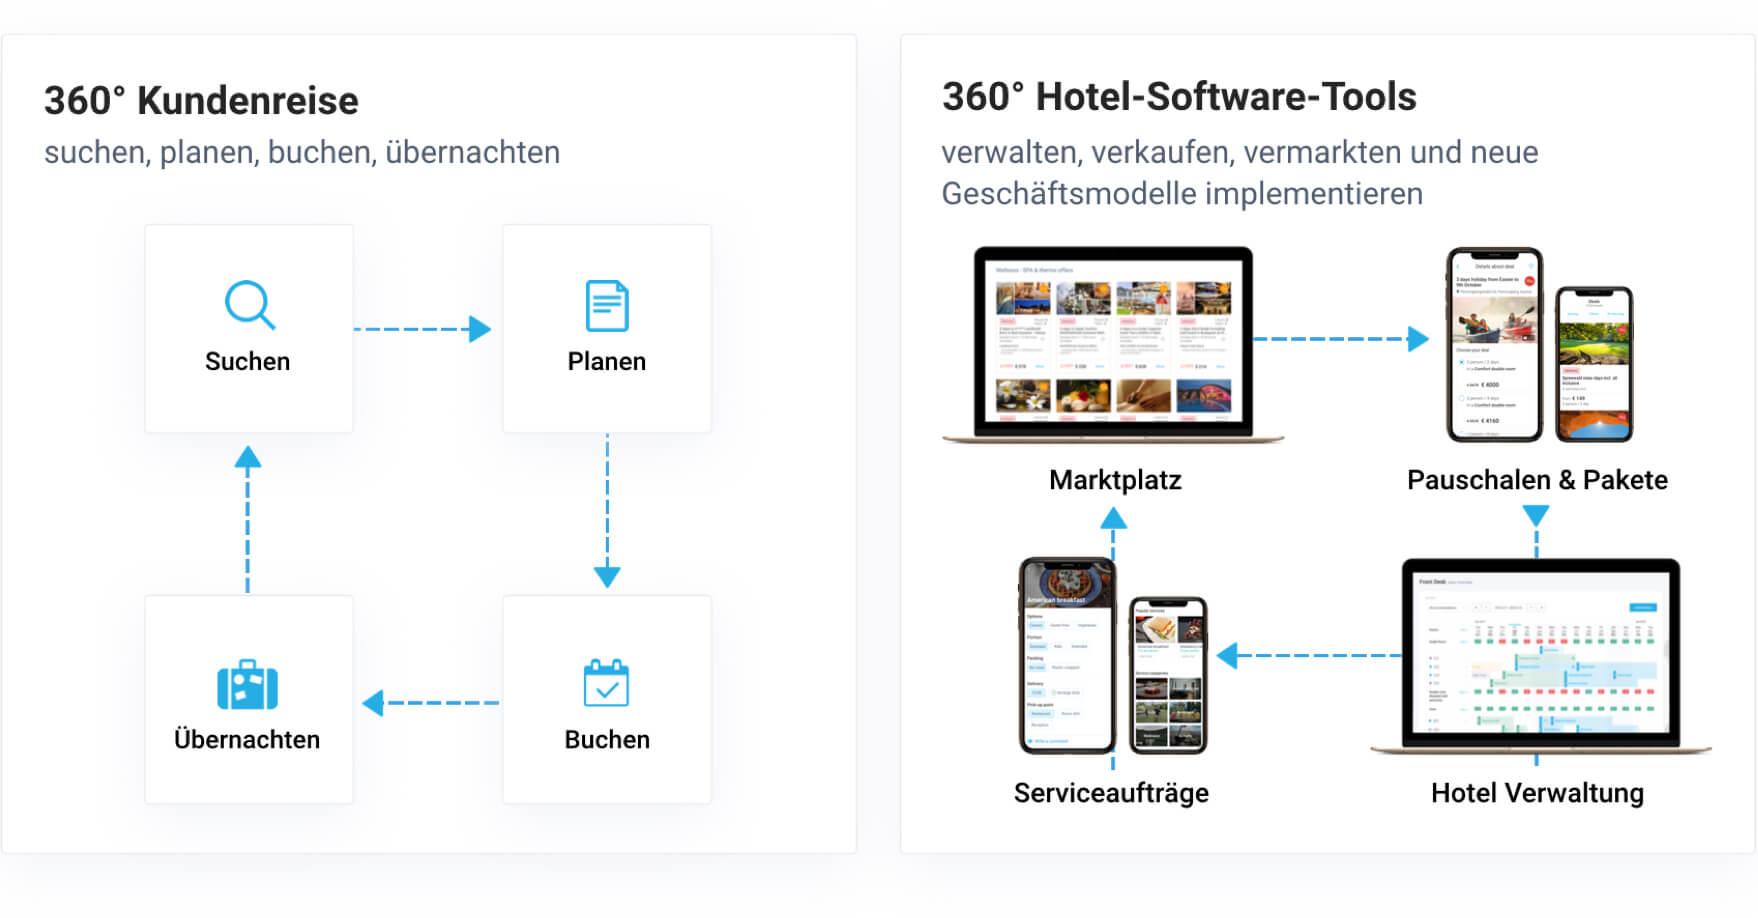 Marktplatz, Touren & Pakete, Hotel-Software, Serviceaufträge